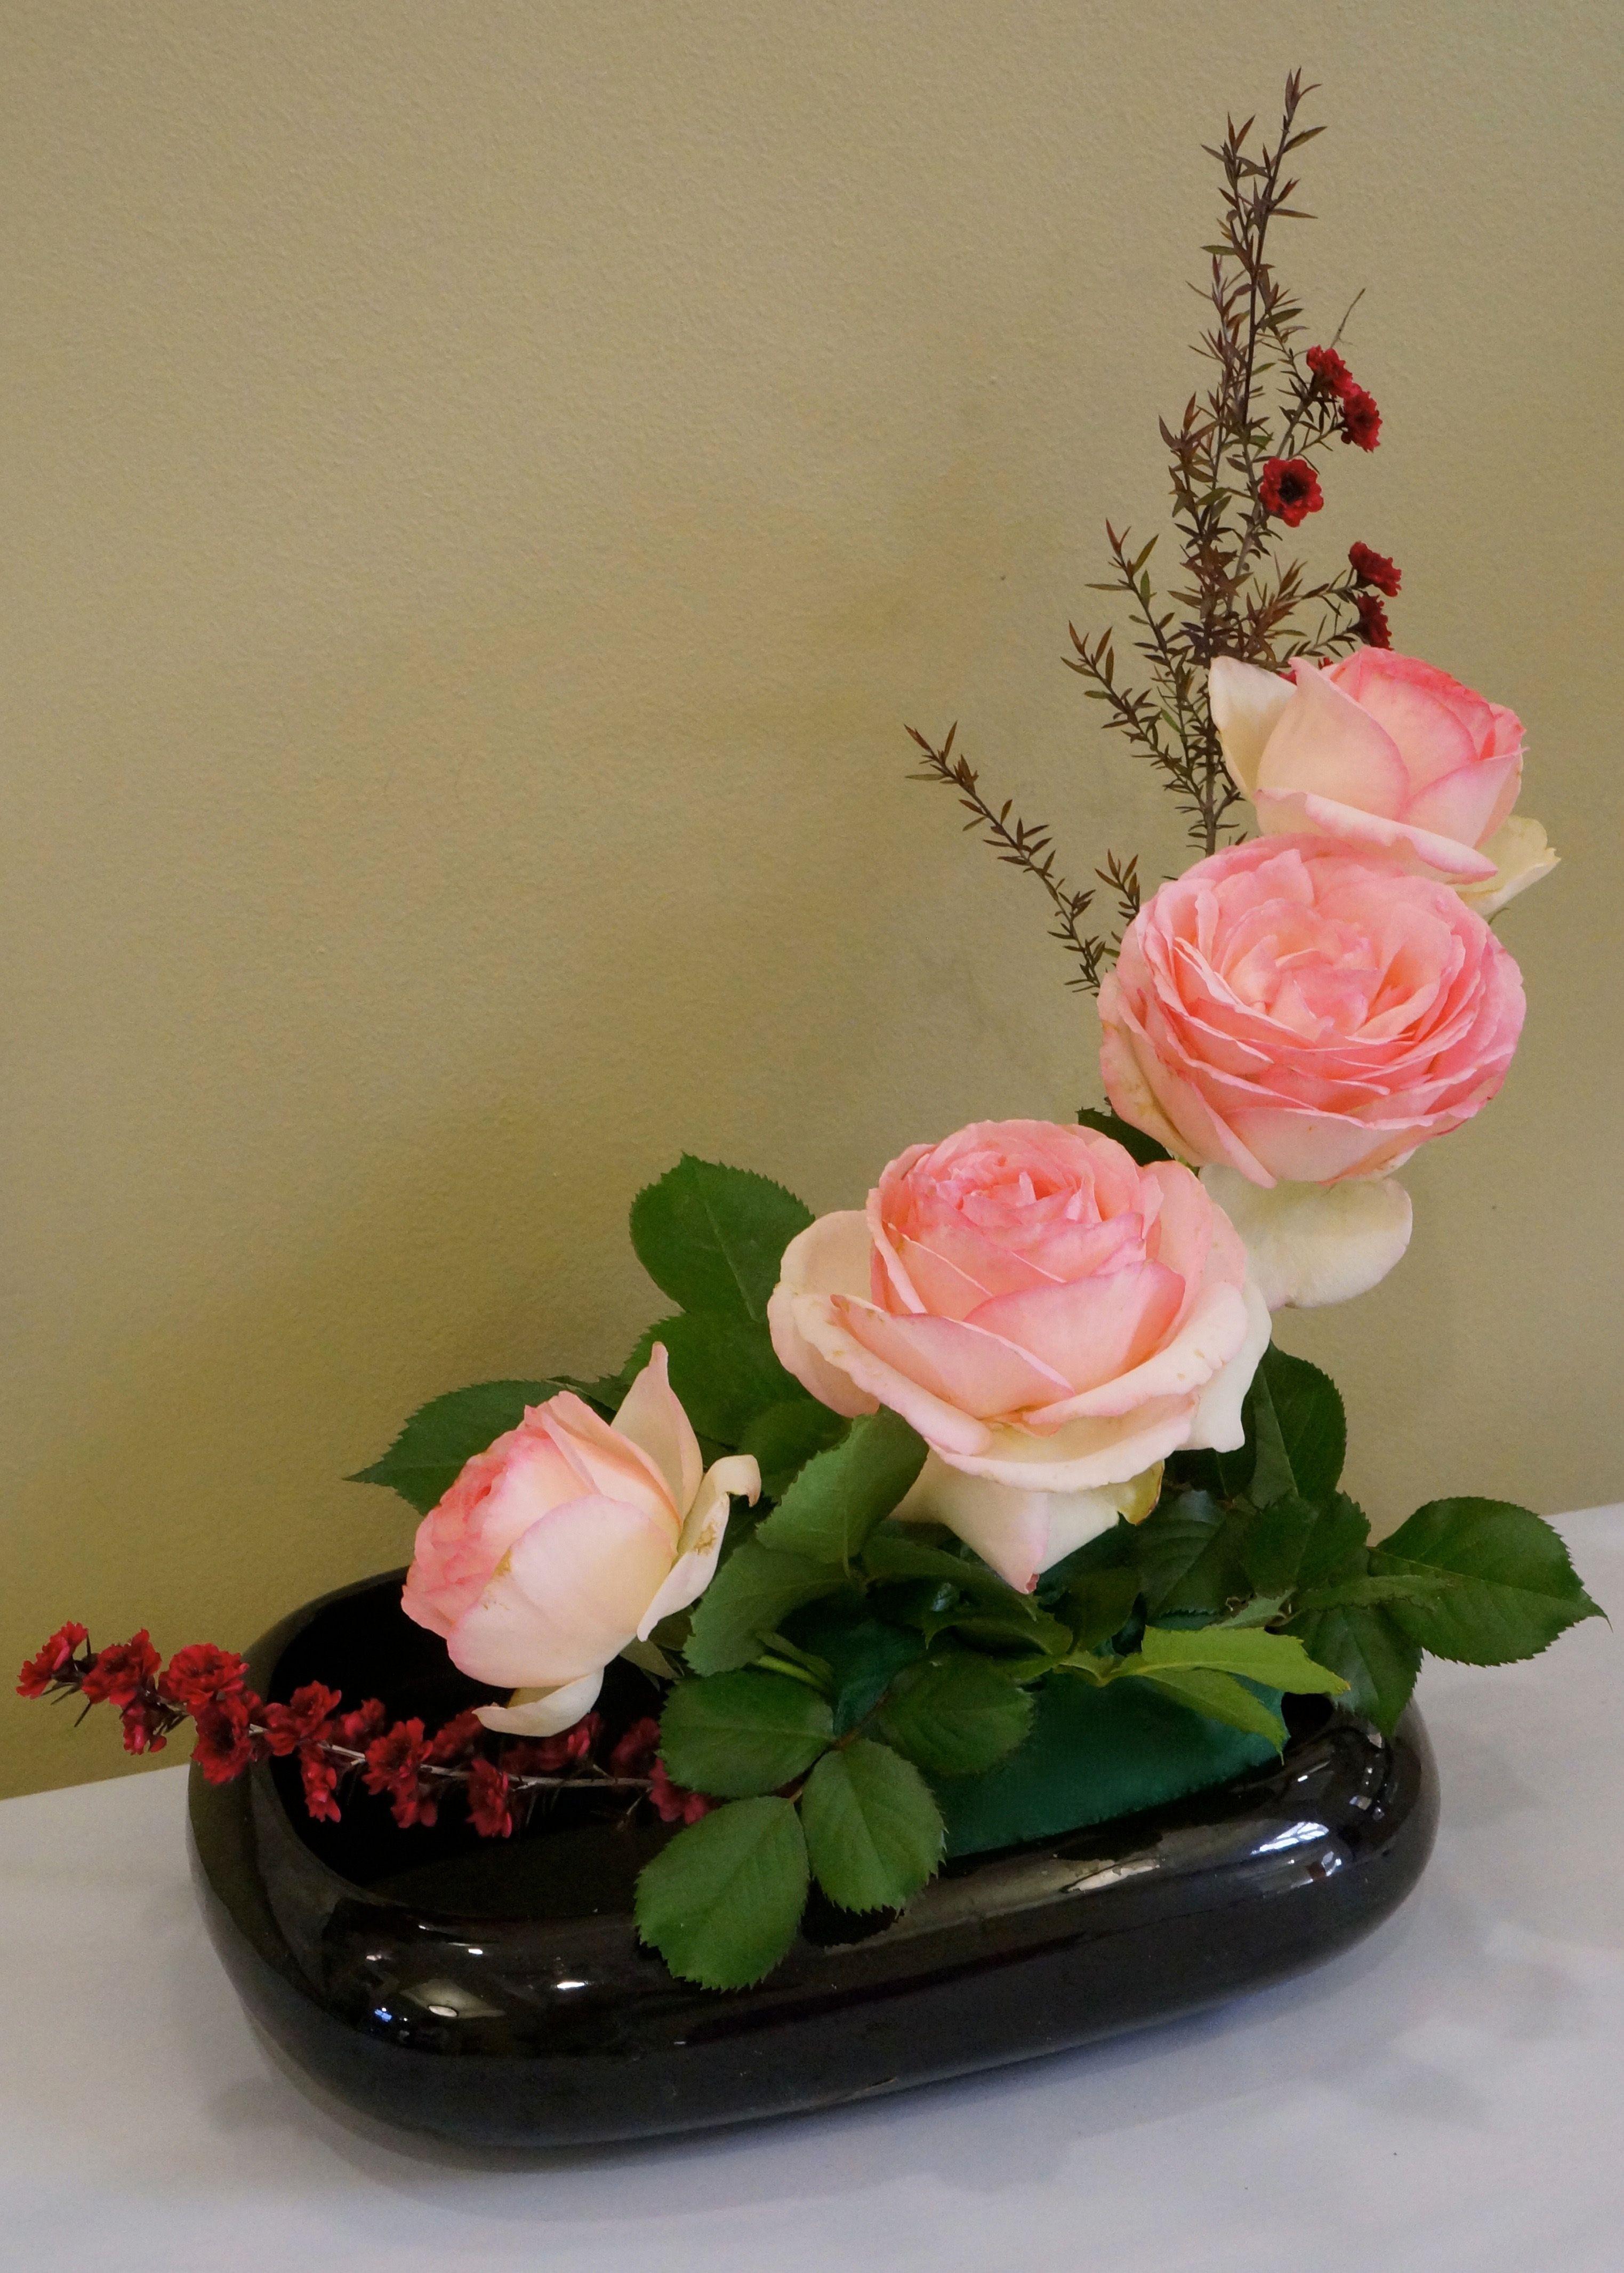 Arreglo Con Rosas Rosadas Mayi Arreglo Floral Rosas Arreglos